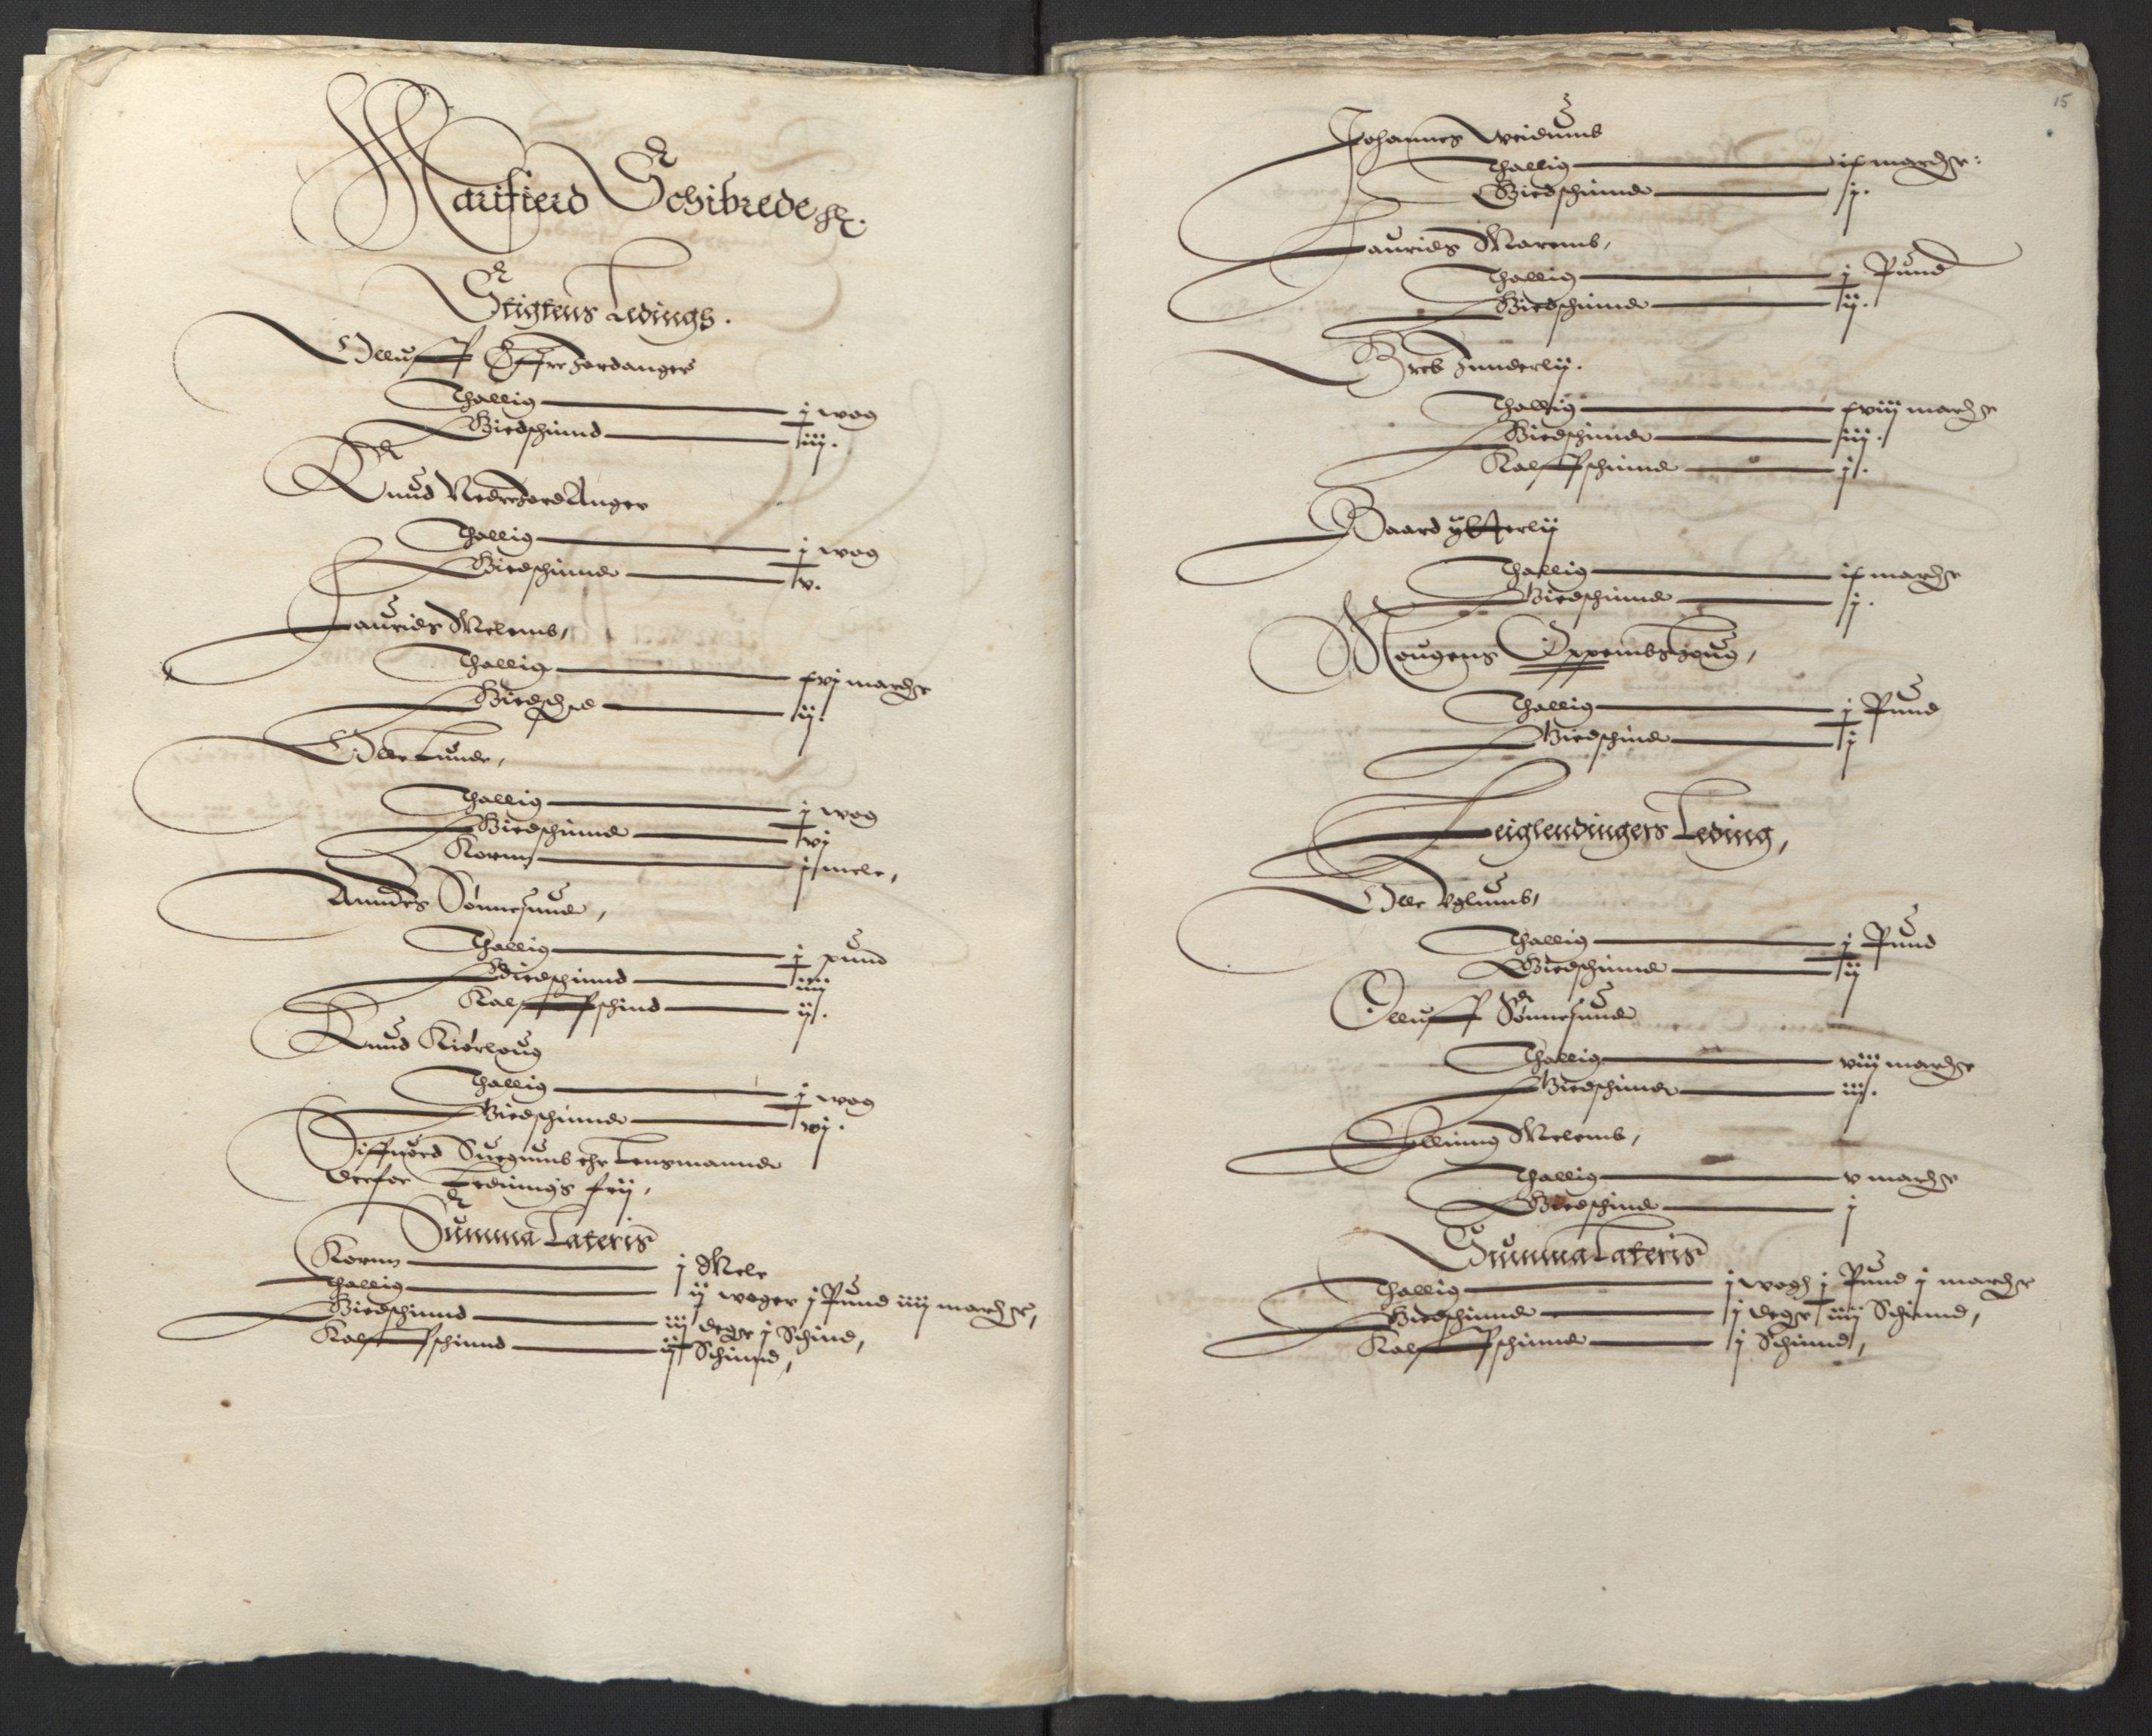 RA, Stattholderembetet 1572-1771, Ek/L0003: Jordebøker til utlikning av garnisonsskatt 1624-1626:, 1624-1625, s. 130